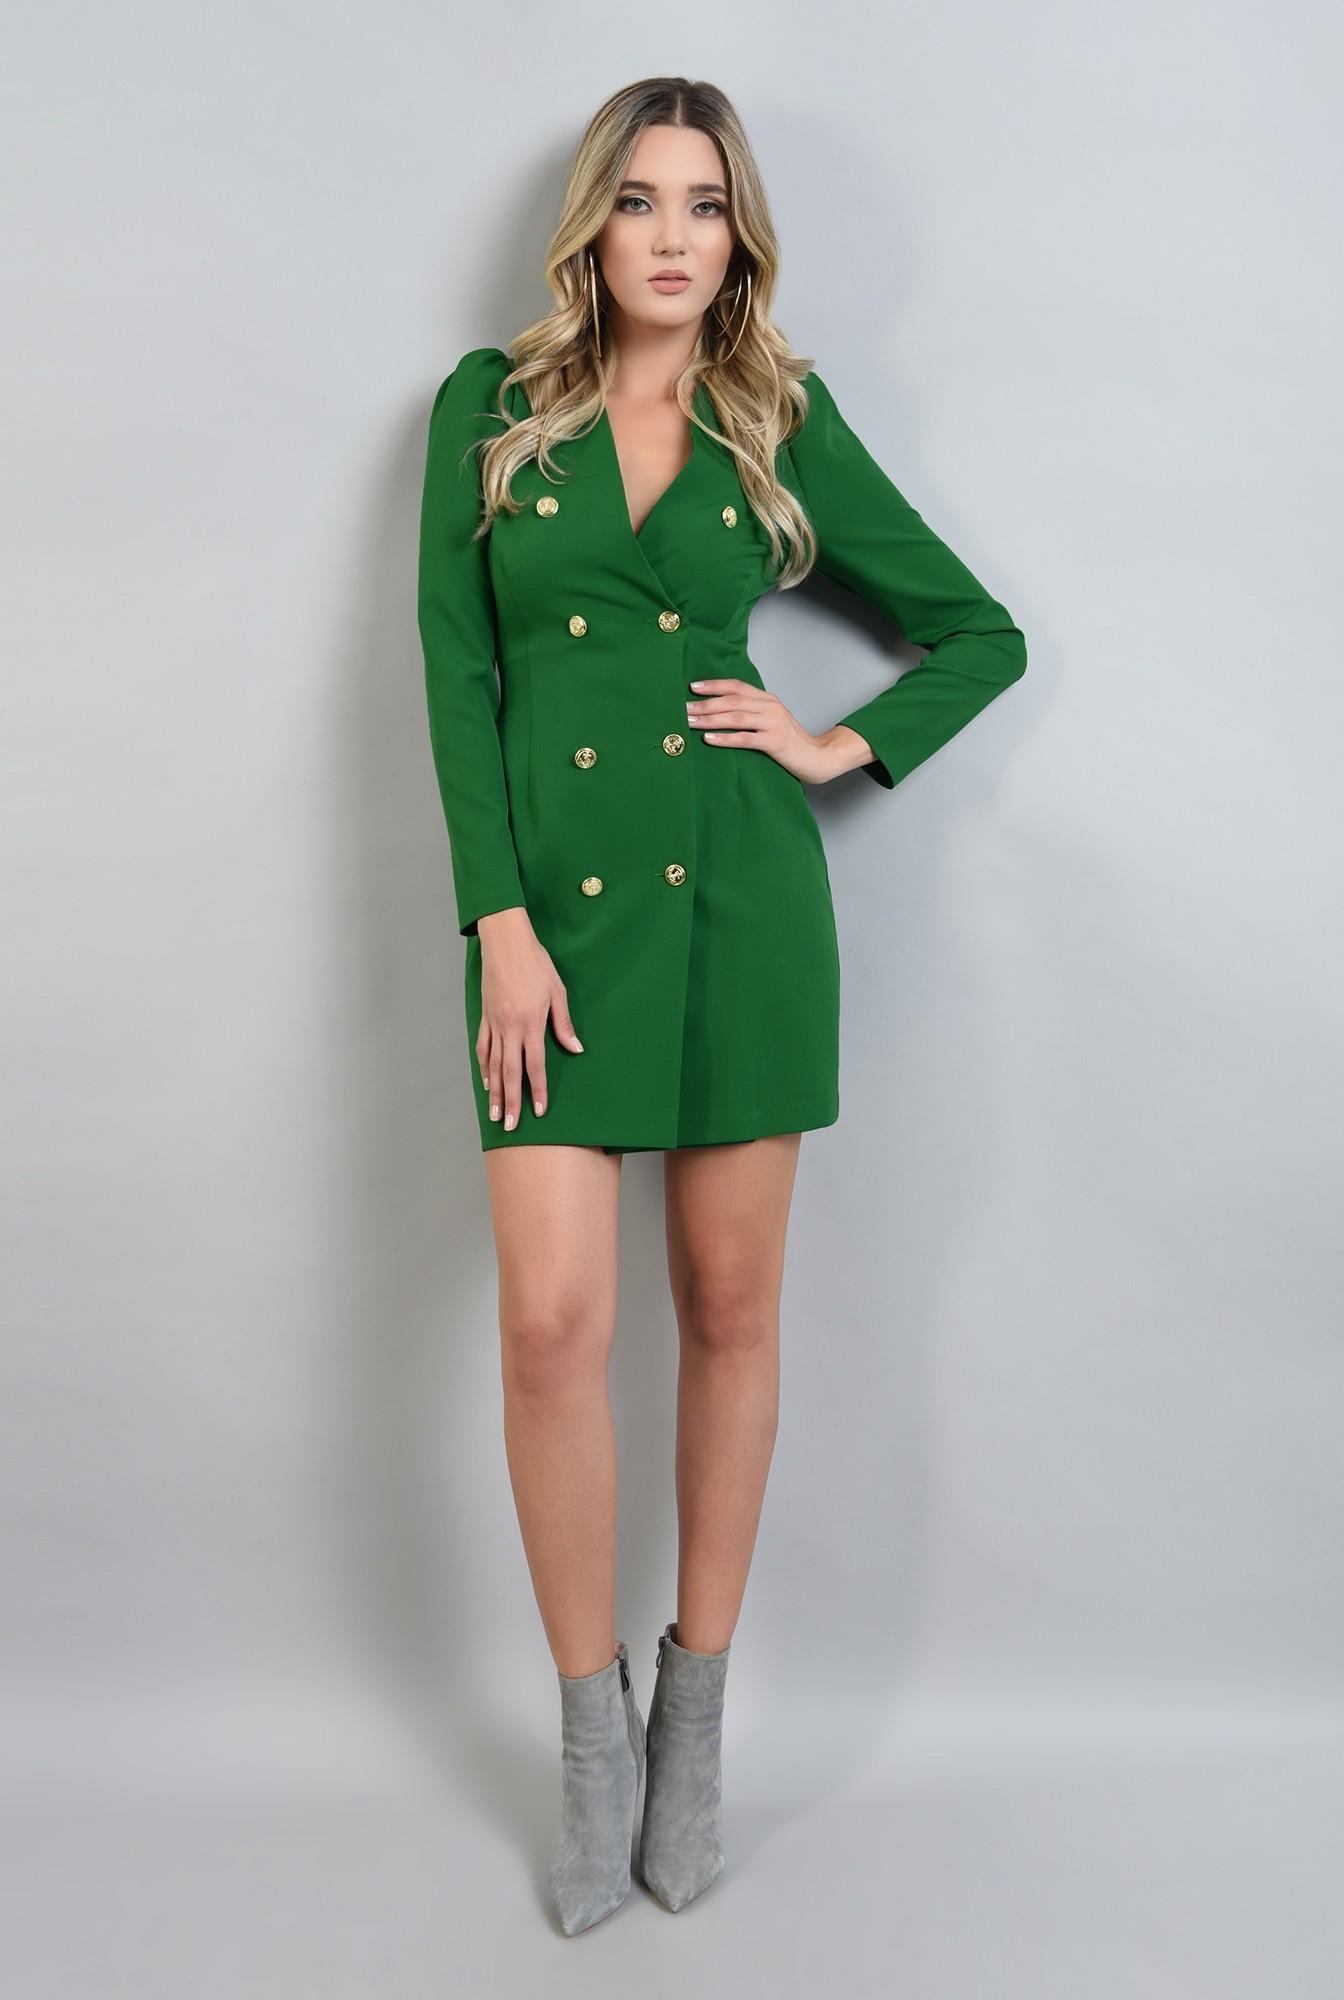 0 - rochie scurta, verde, cu maneca lunga